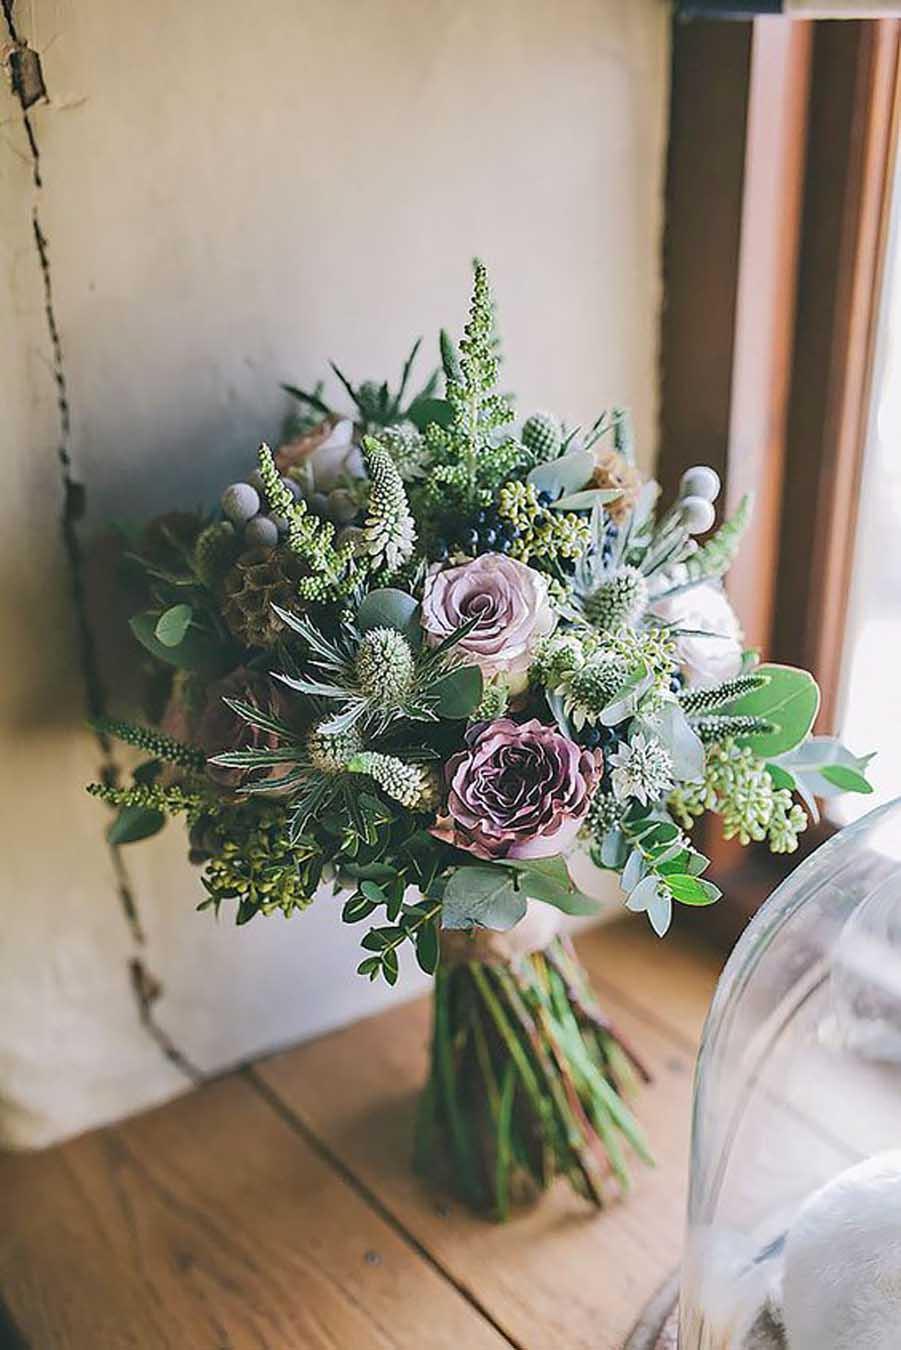 Comment Faire Un Bouquet De Roses femina | repérés sur pinterest: les 30 bouquets de mariée